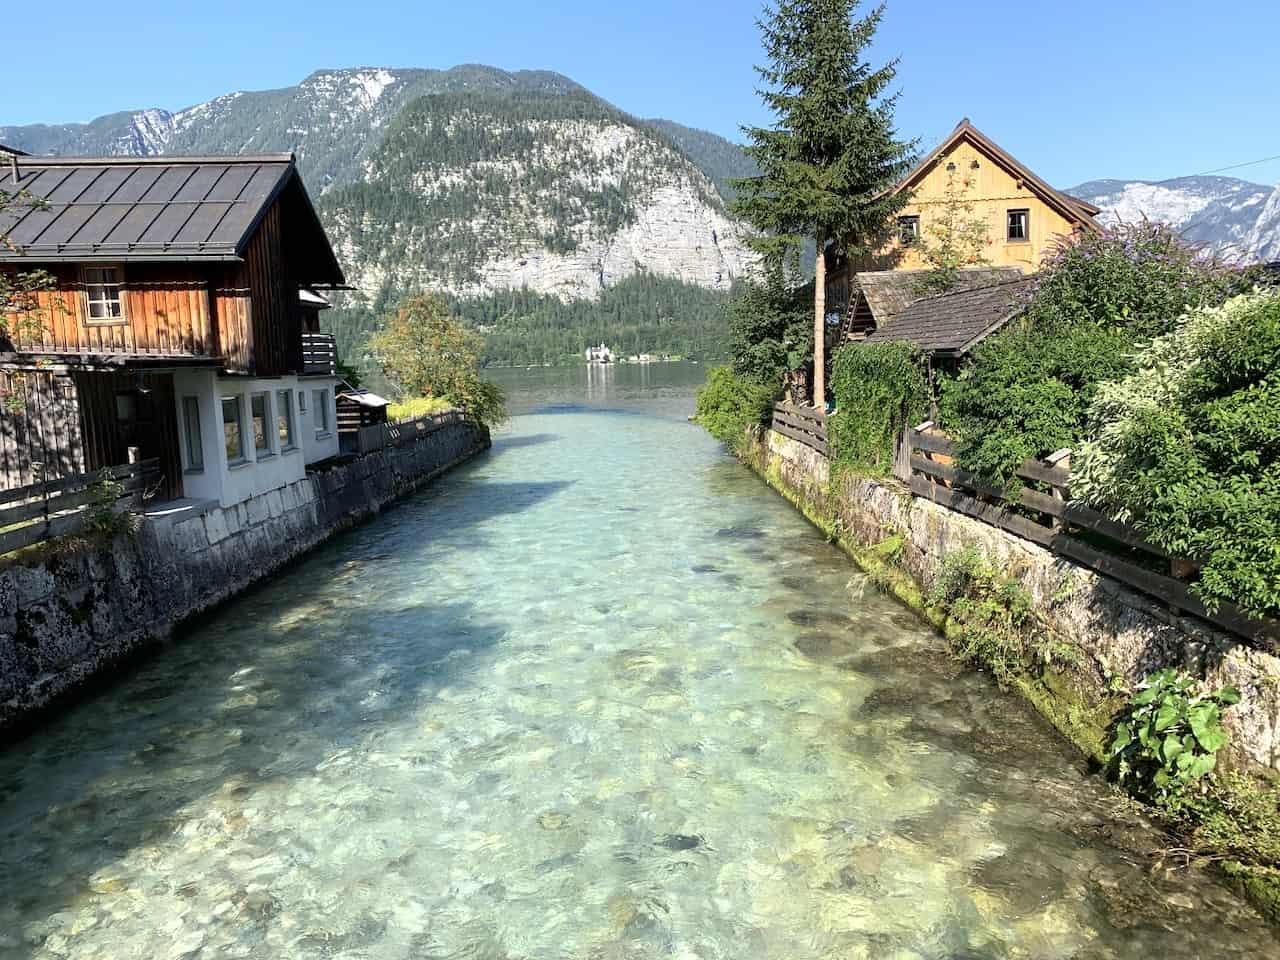 Hallstatt River